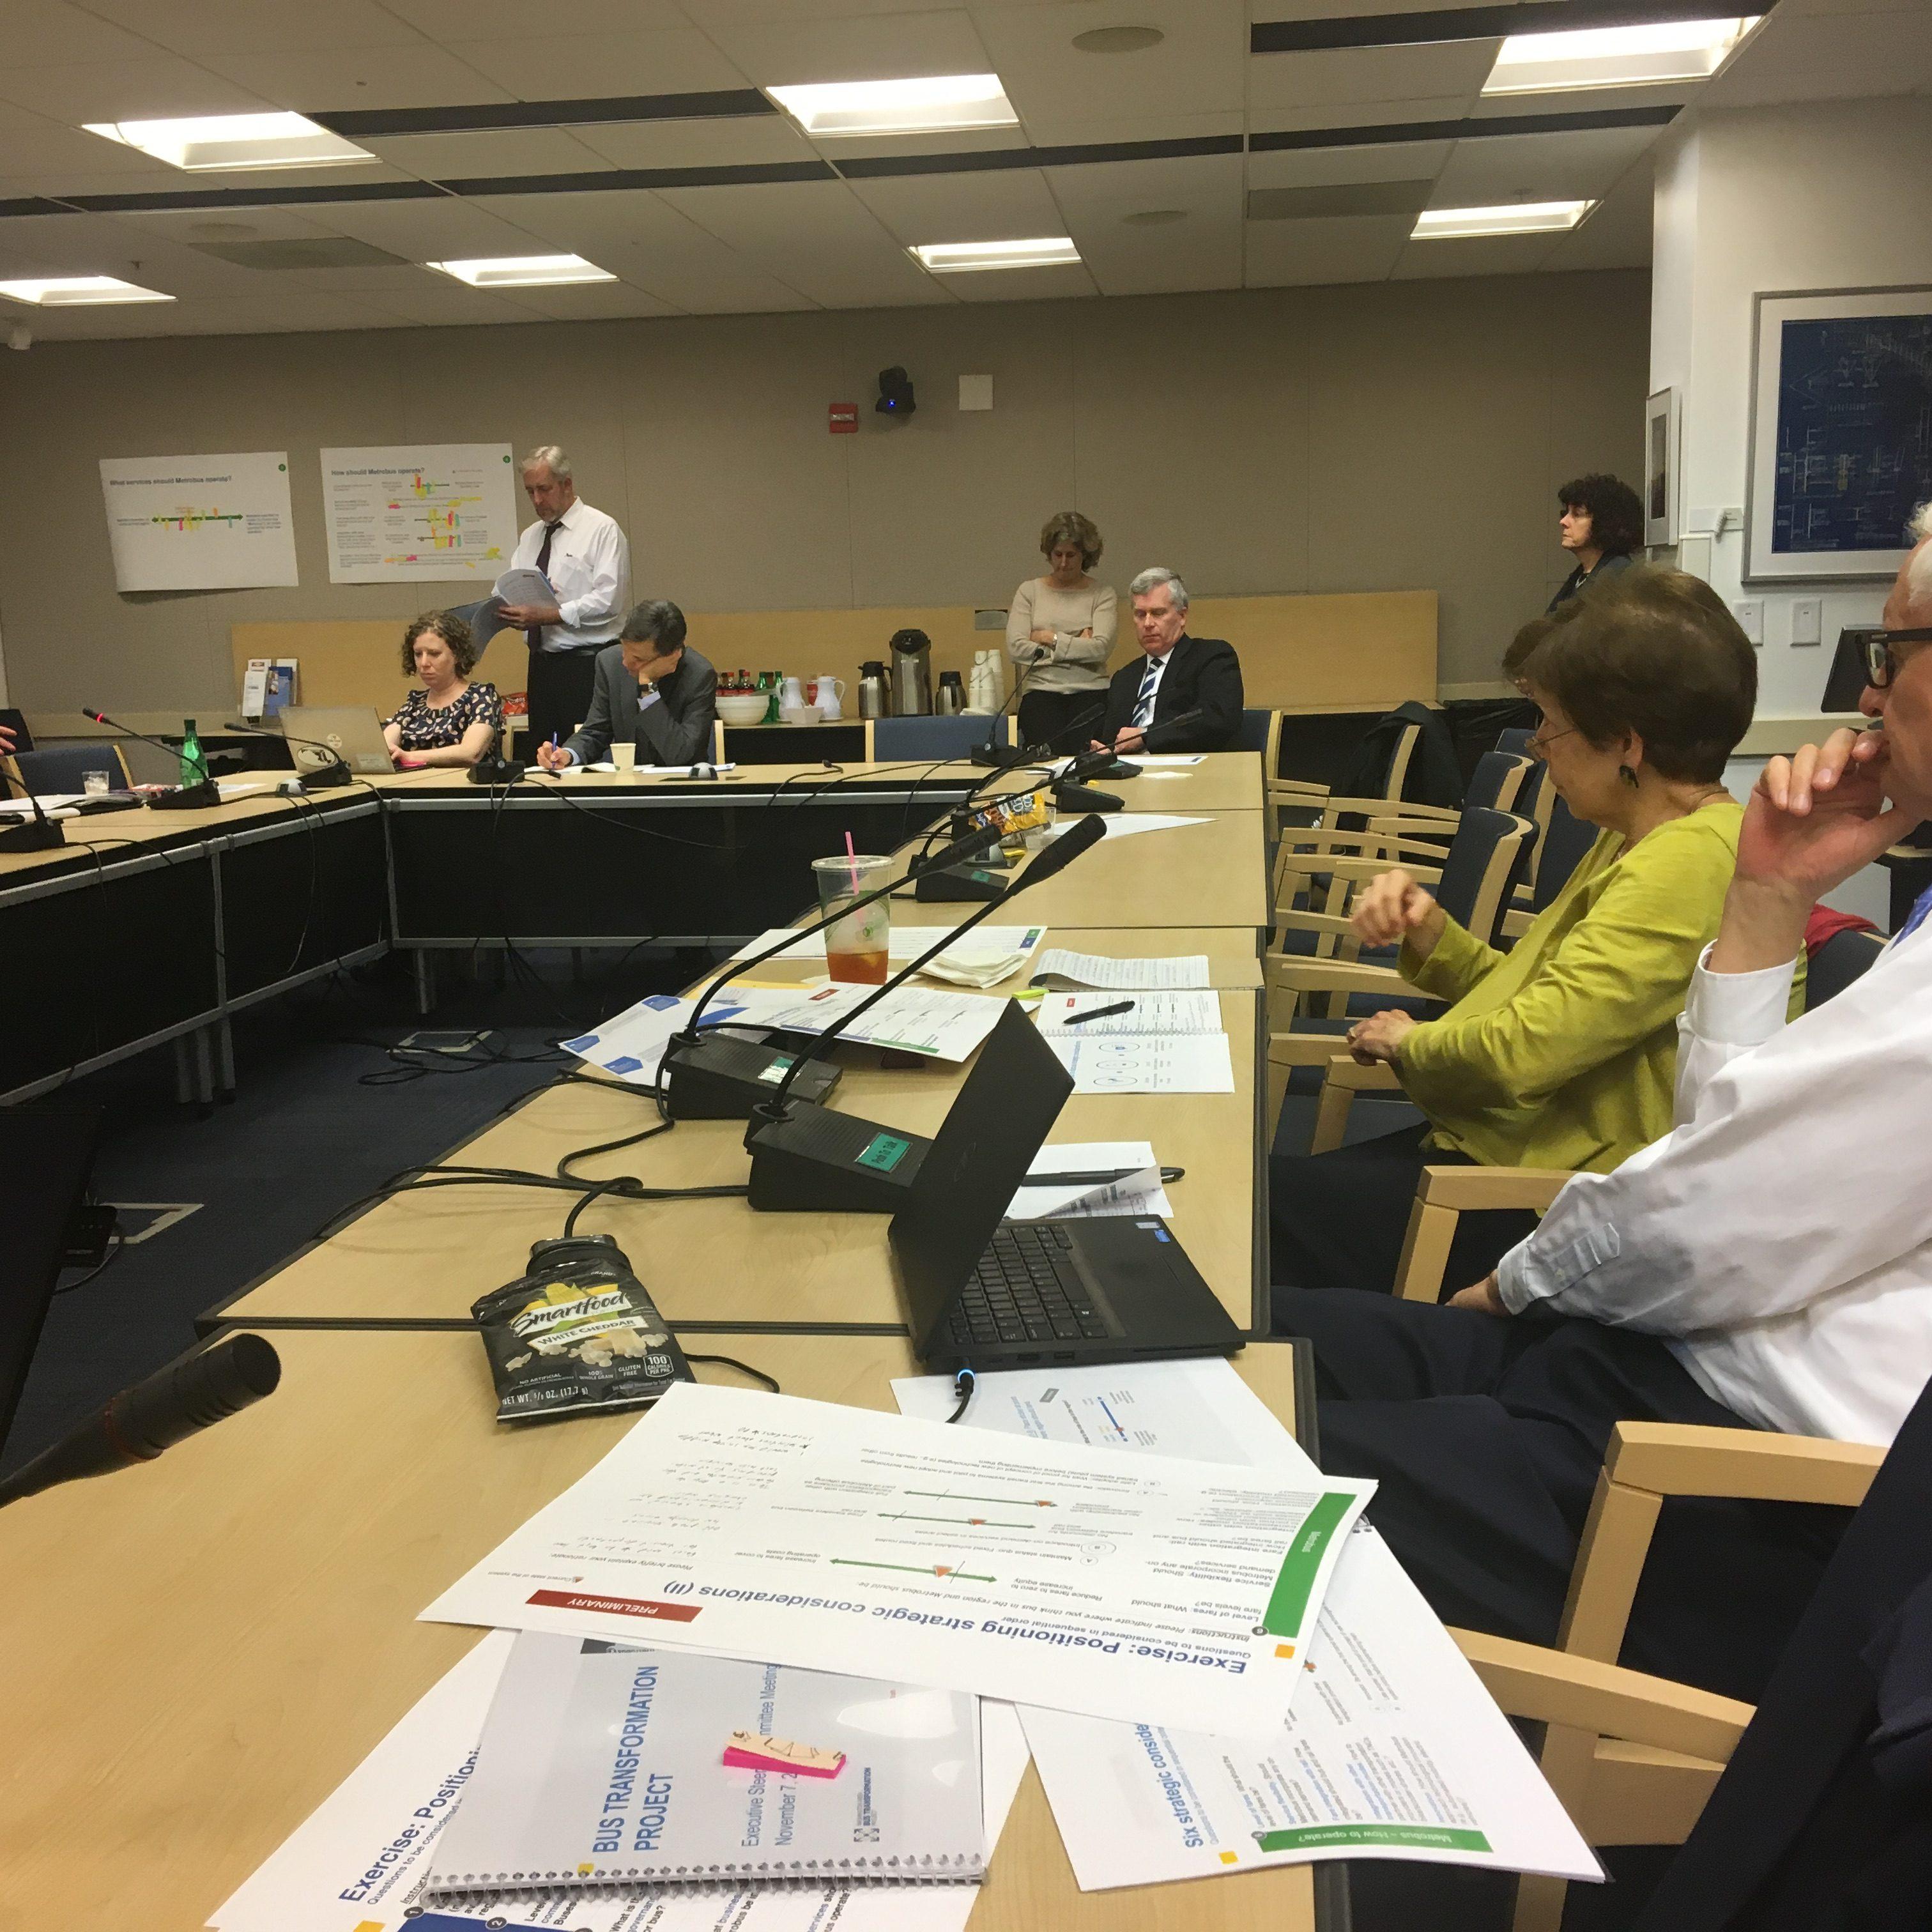 ESC meeting members sitting at desk